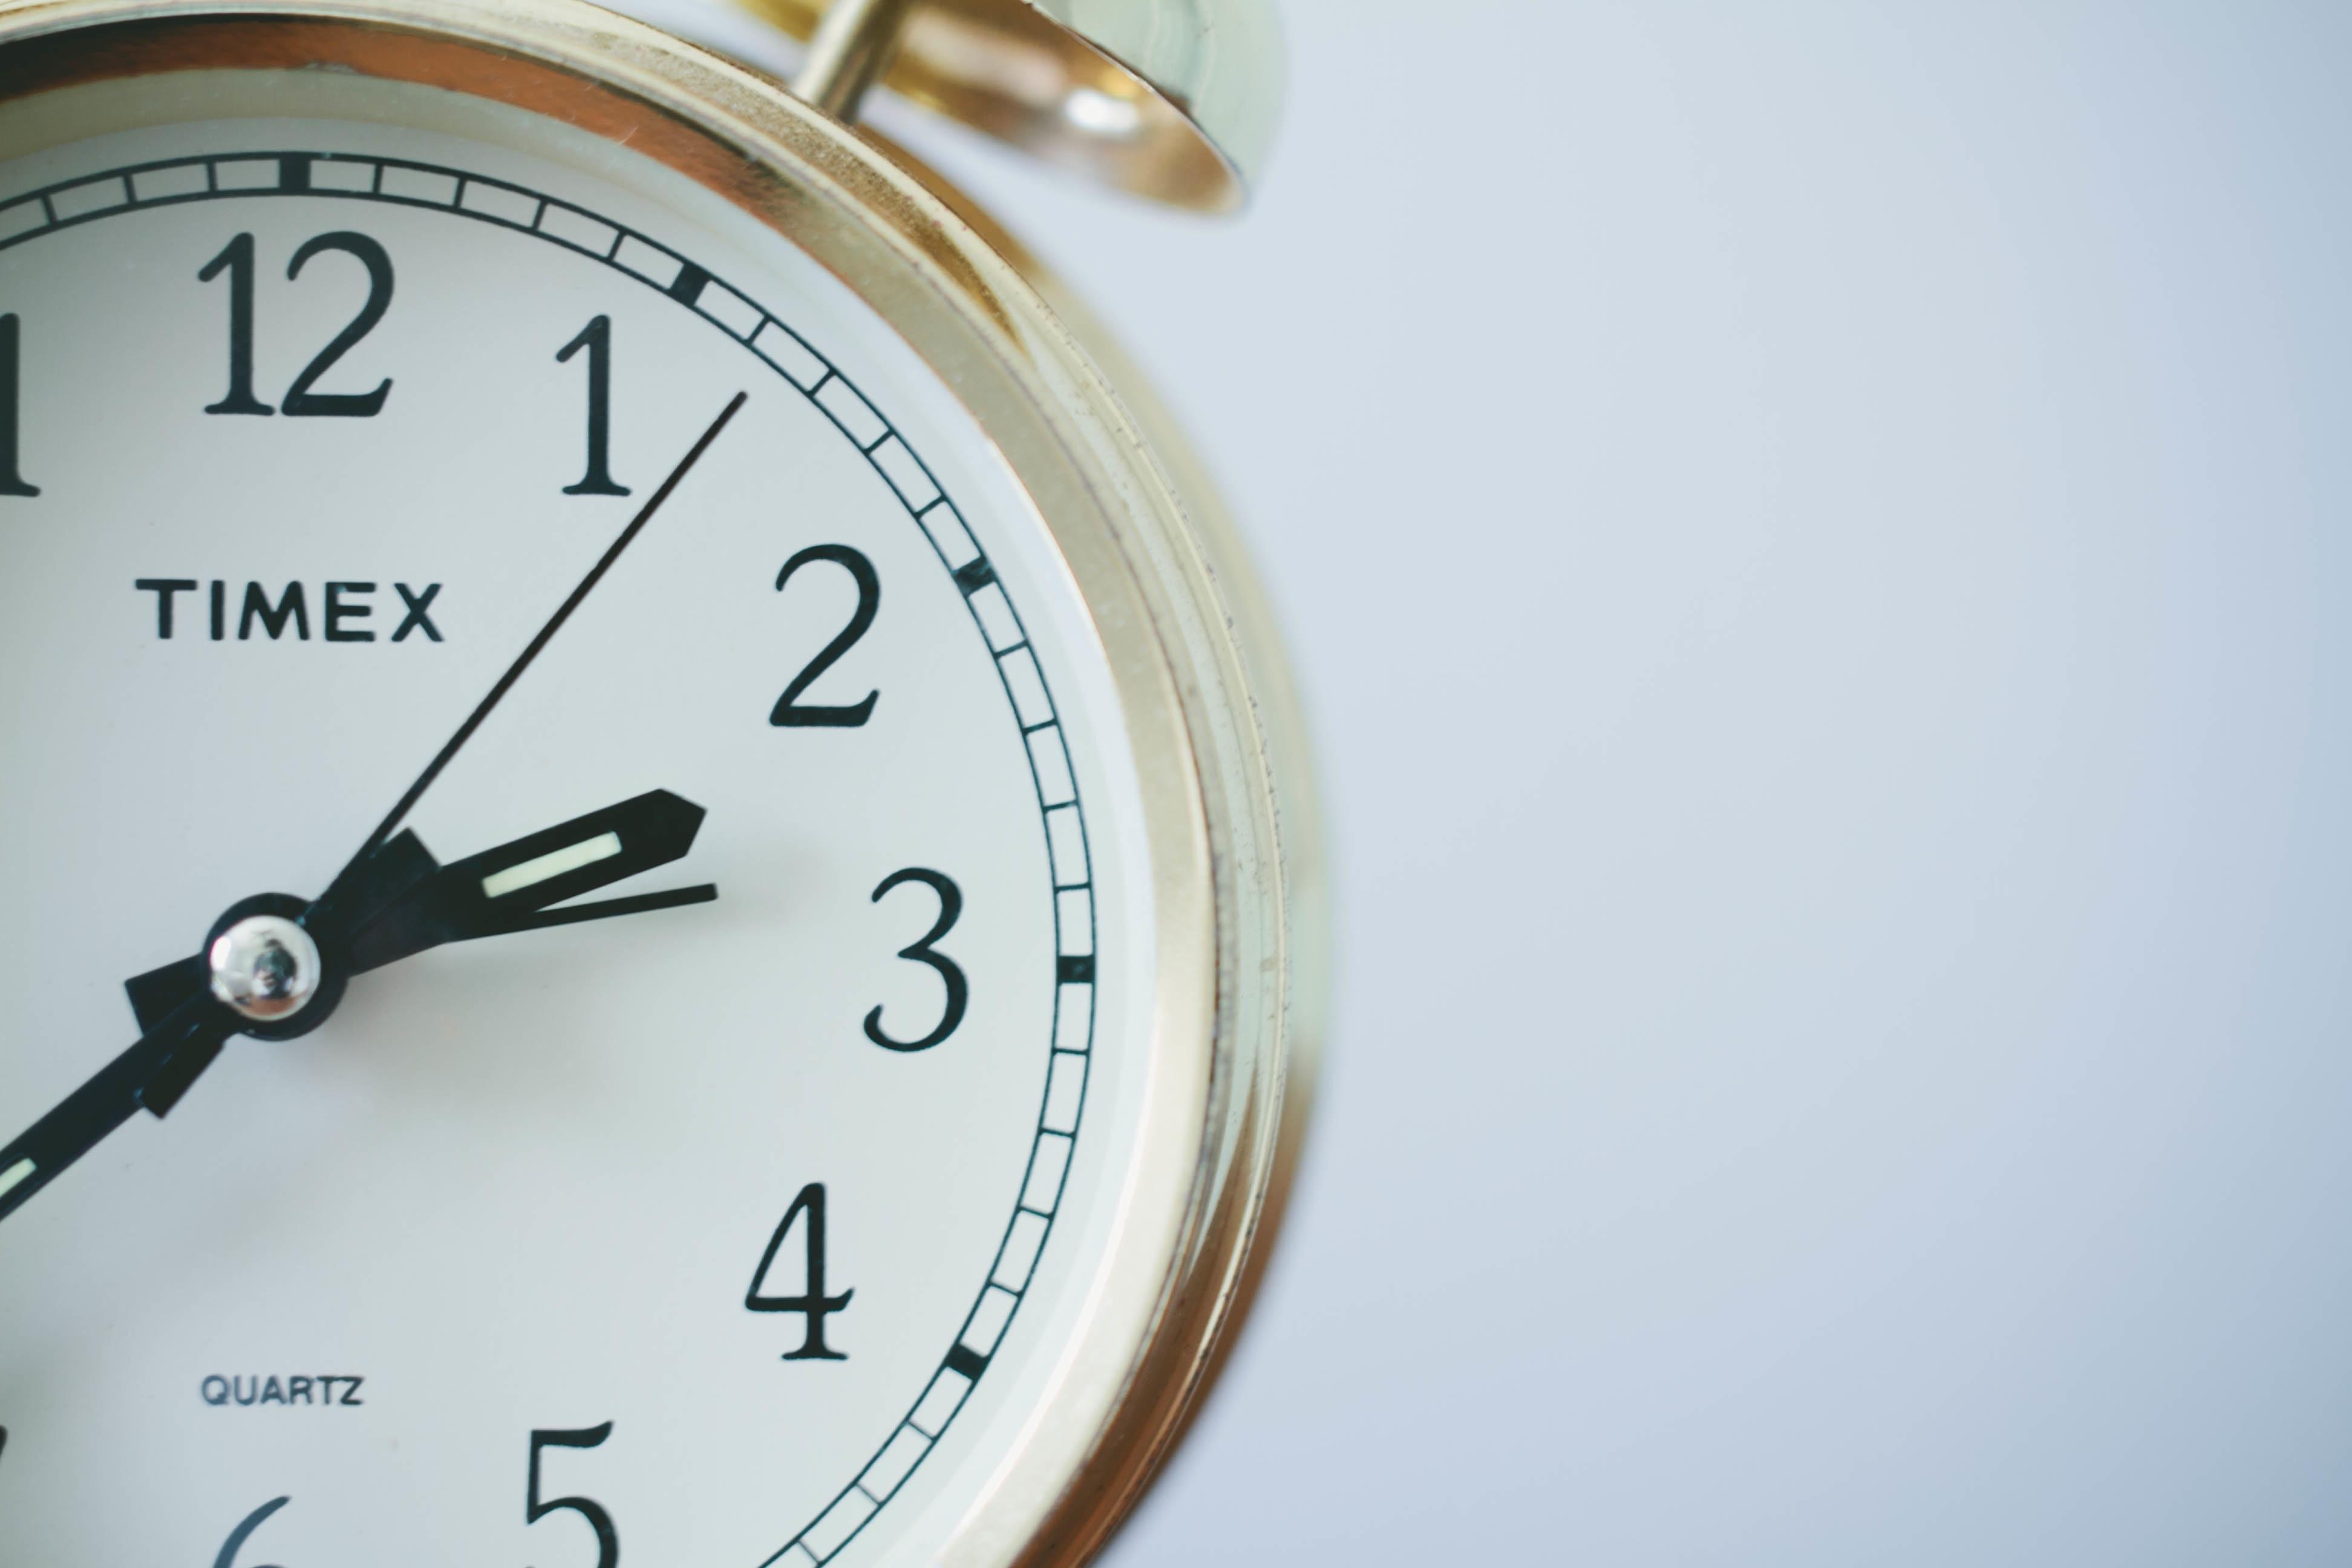 疲れるのは眠りのせいかも⁉ 大人の女性は睡眠時間が最も短い